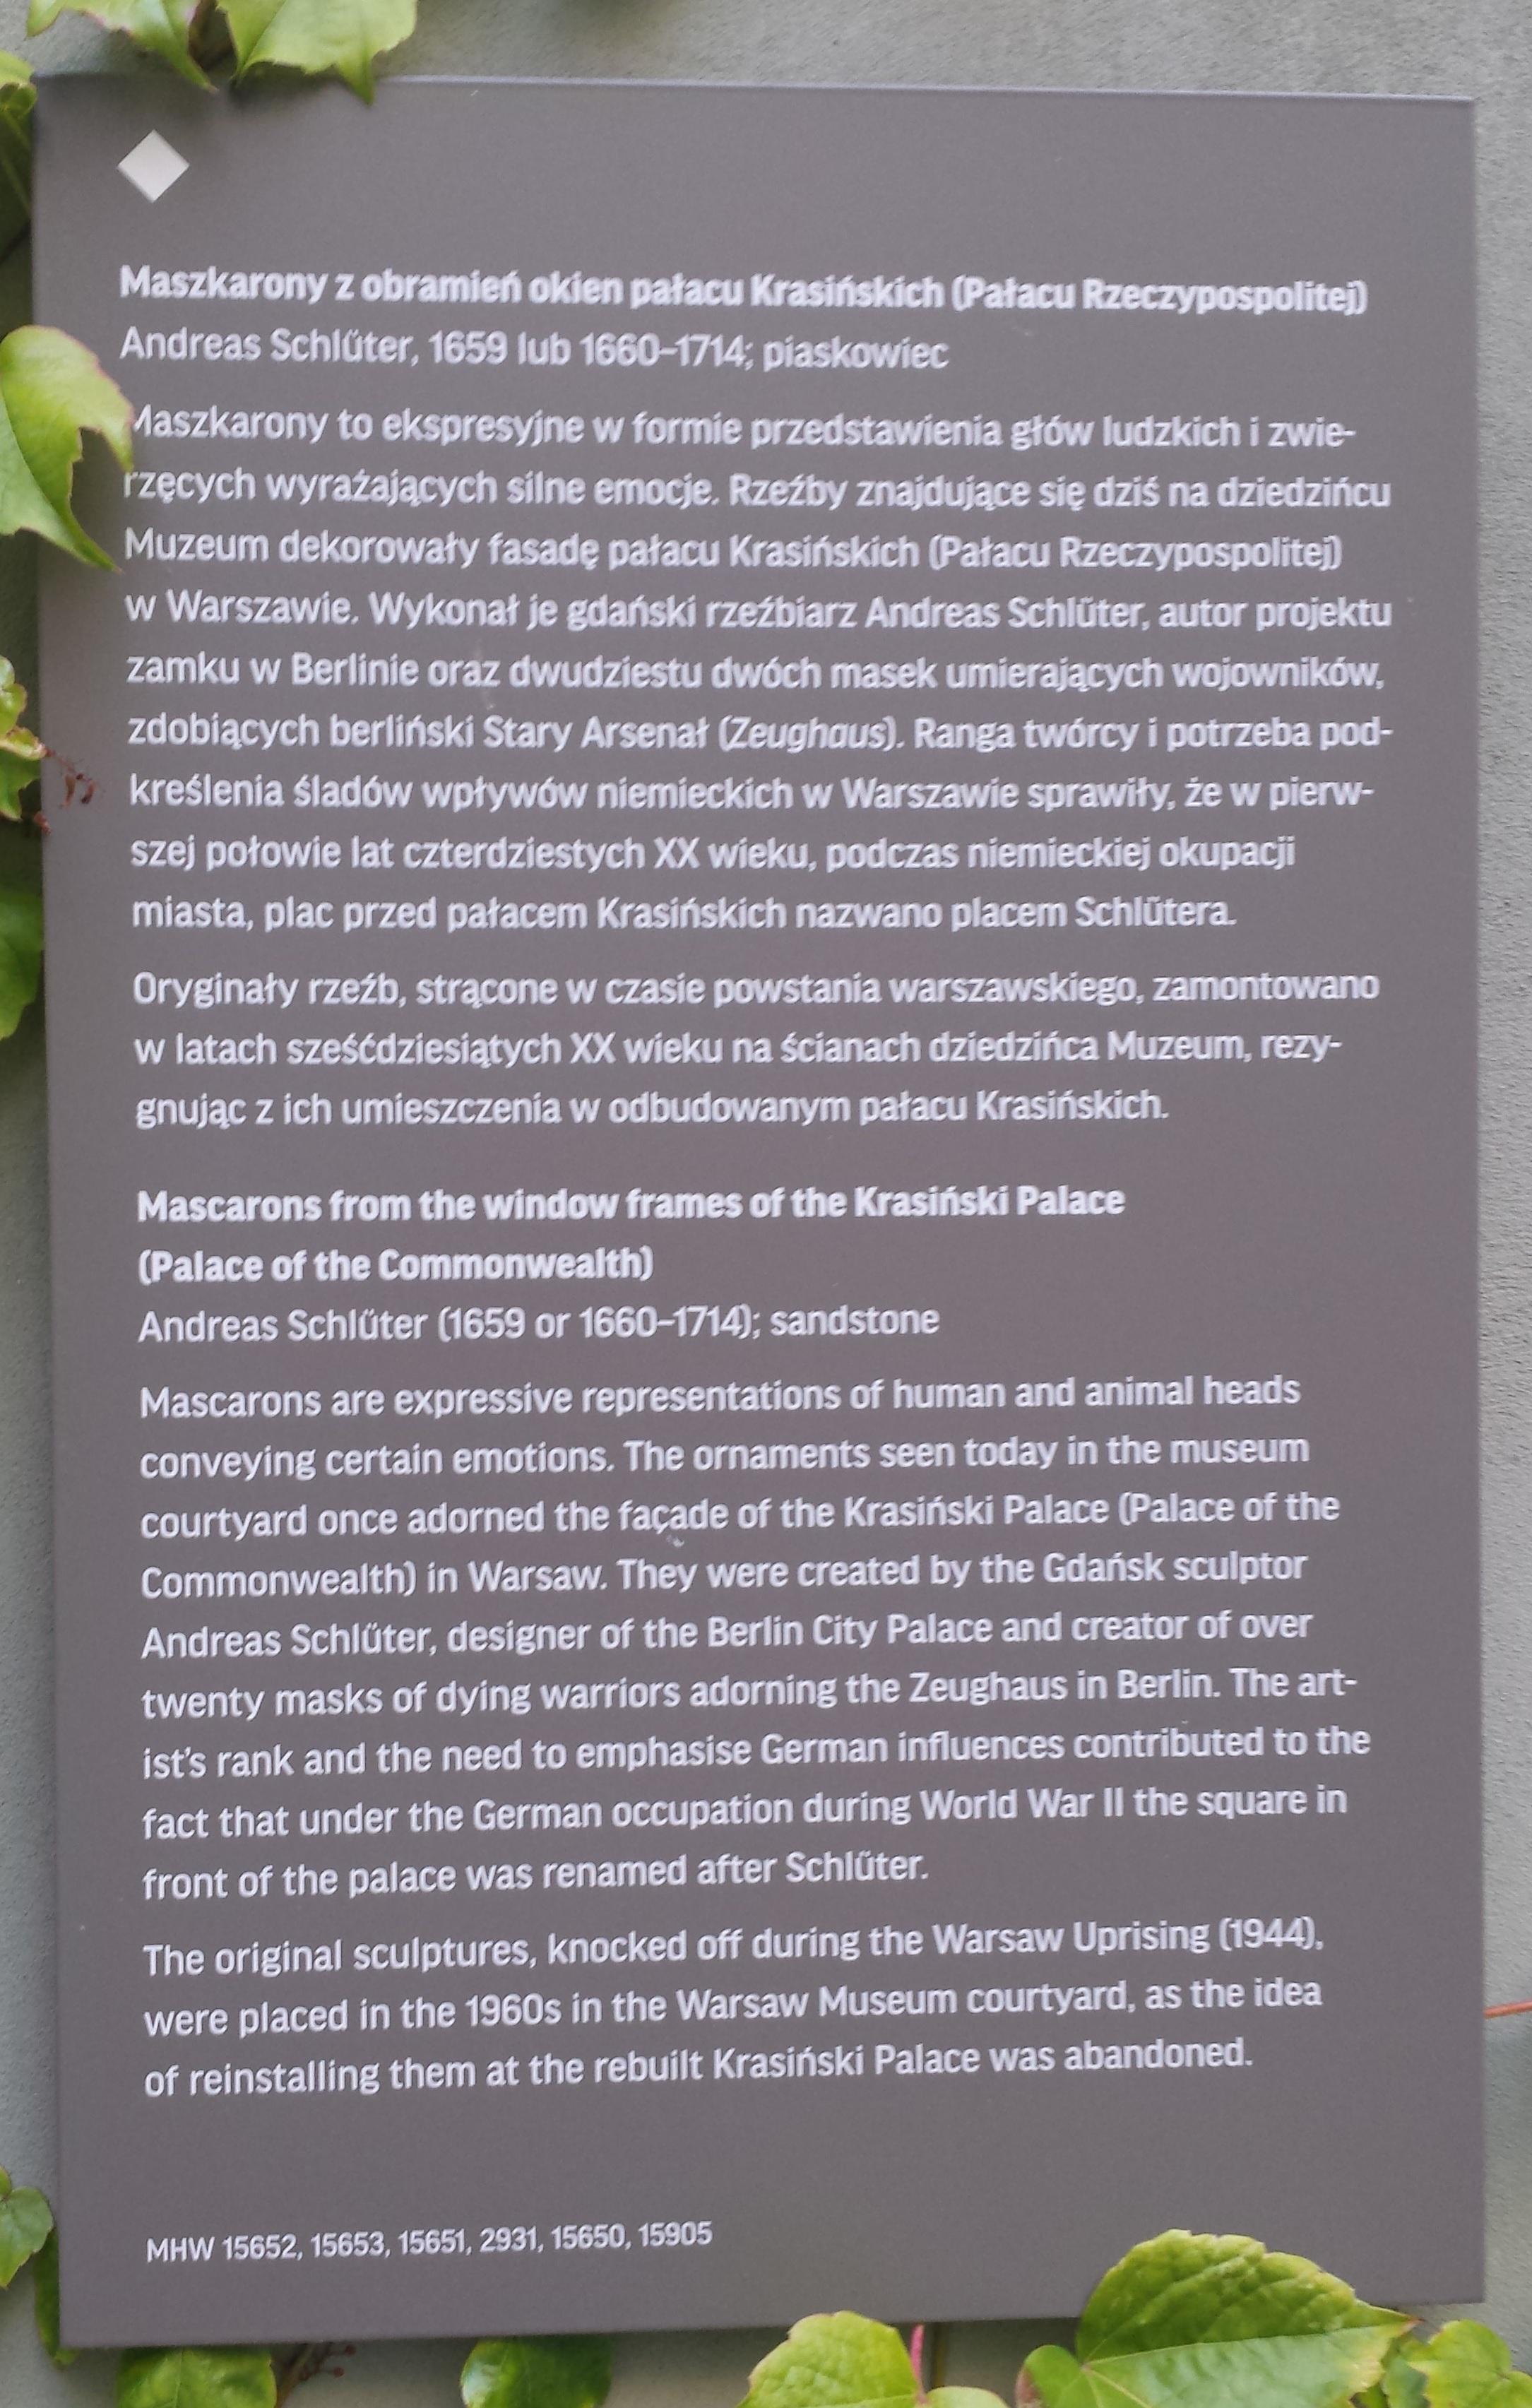 Step in Warsaw - Stadtführerin in Warschau. Ein Arbeits- und Schulungstreffen für Stadtführer in Warschau im malerischen Hof des Museums von Warschau Muzeum Warszawy (21 thematische Räume und 7352 ausgestellte Gegenstände). Sie sind herzlich eingeladen, dieses Museum zu besichtigen. Ich werde gerne Ihre Führerin sein:). Information von Maskaronen, die im Hof des Museums von Warschau sind. Warschau, 15.07.2019.